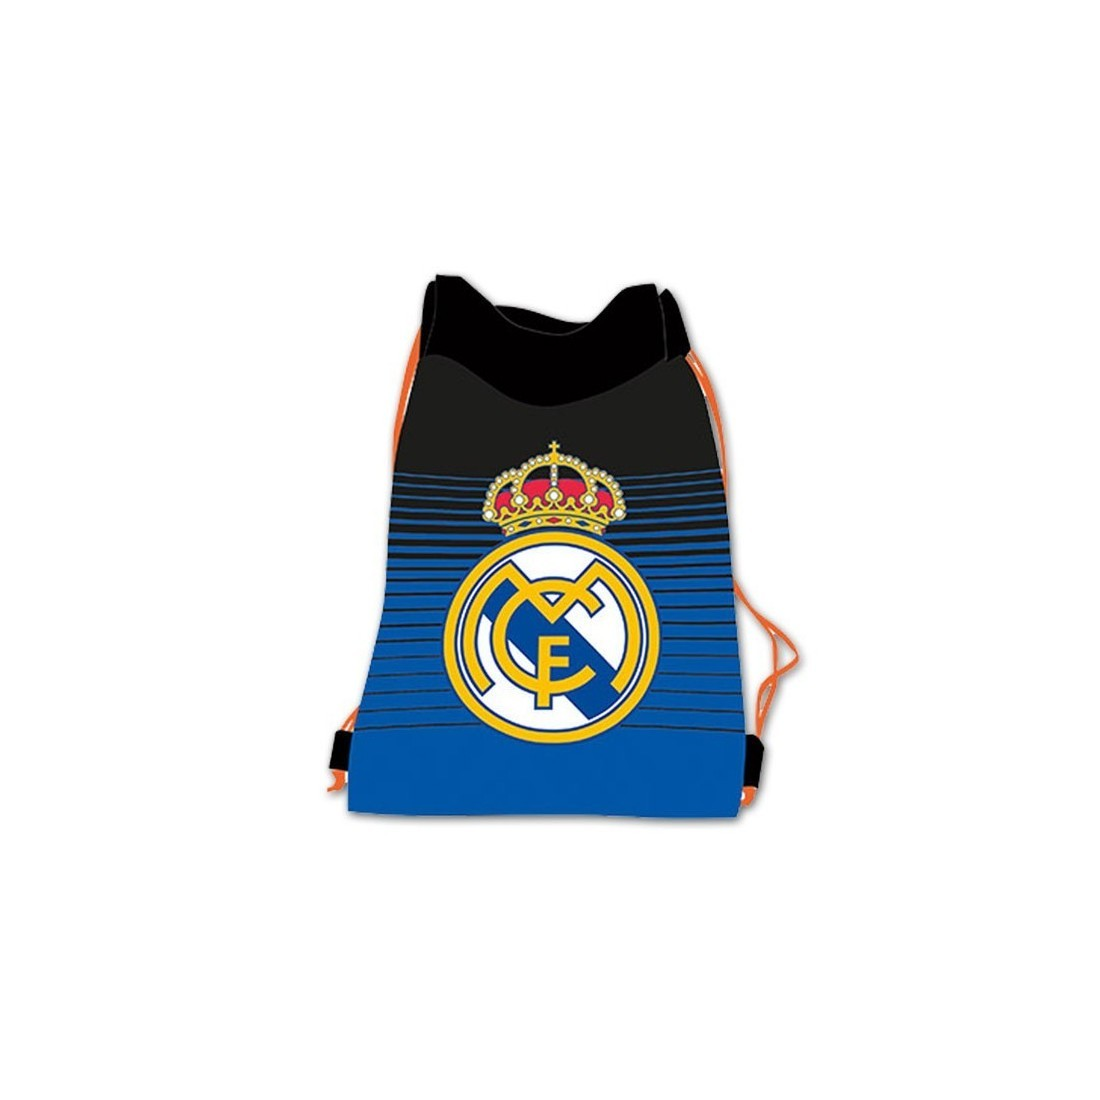 Worek na obuwie Real Madryt / Niebieski z piłką